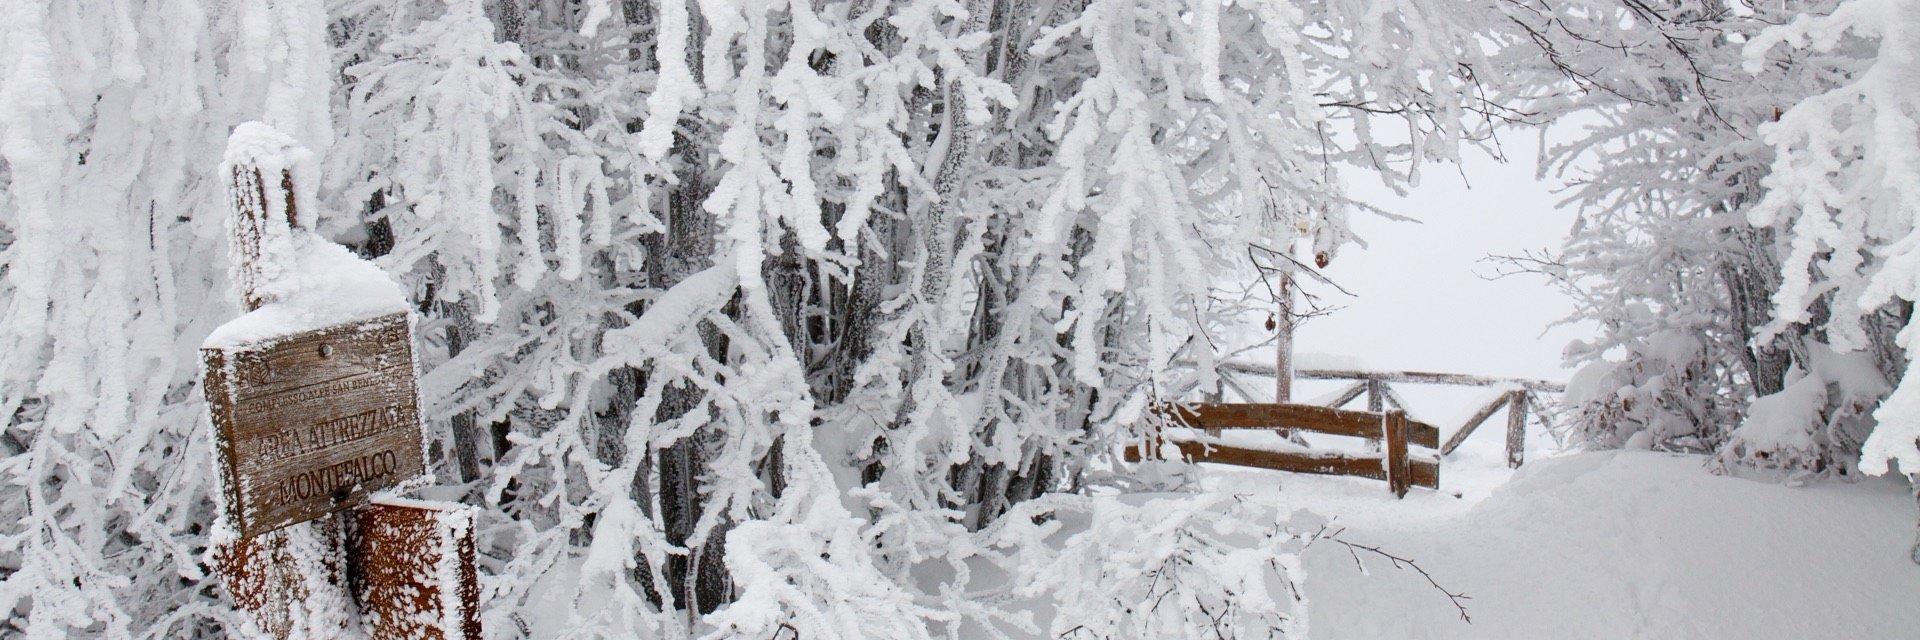 neve monte falco